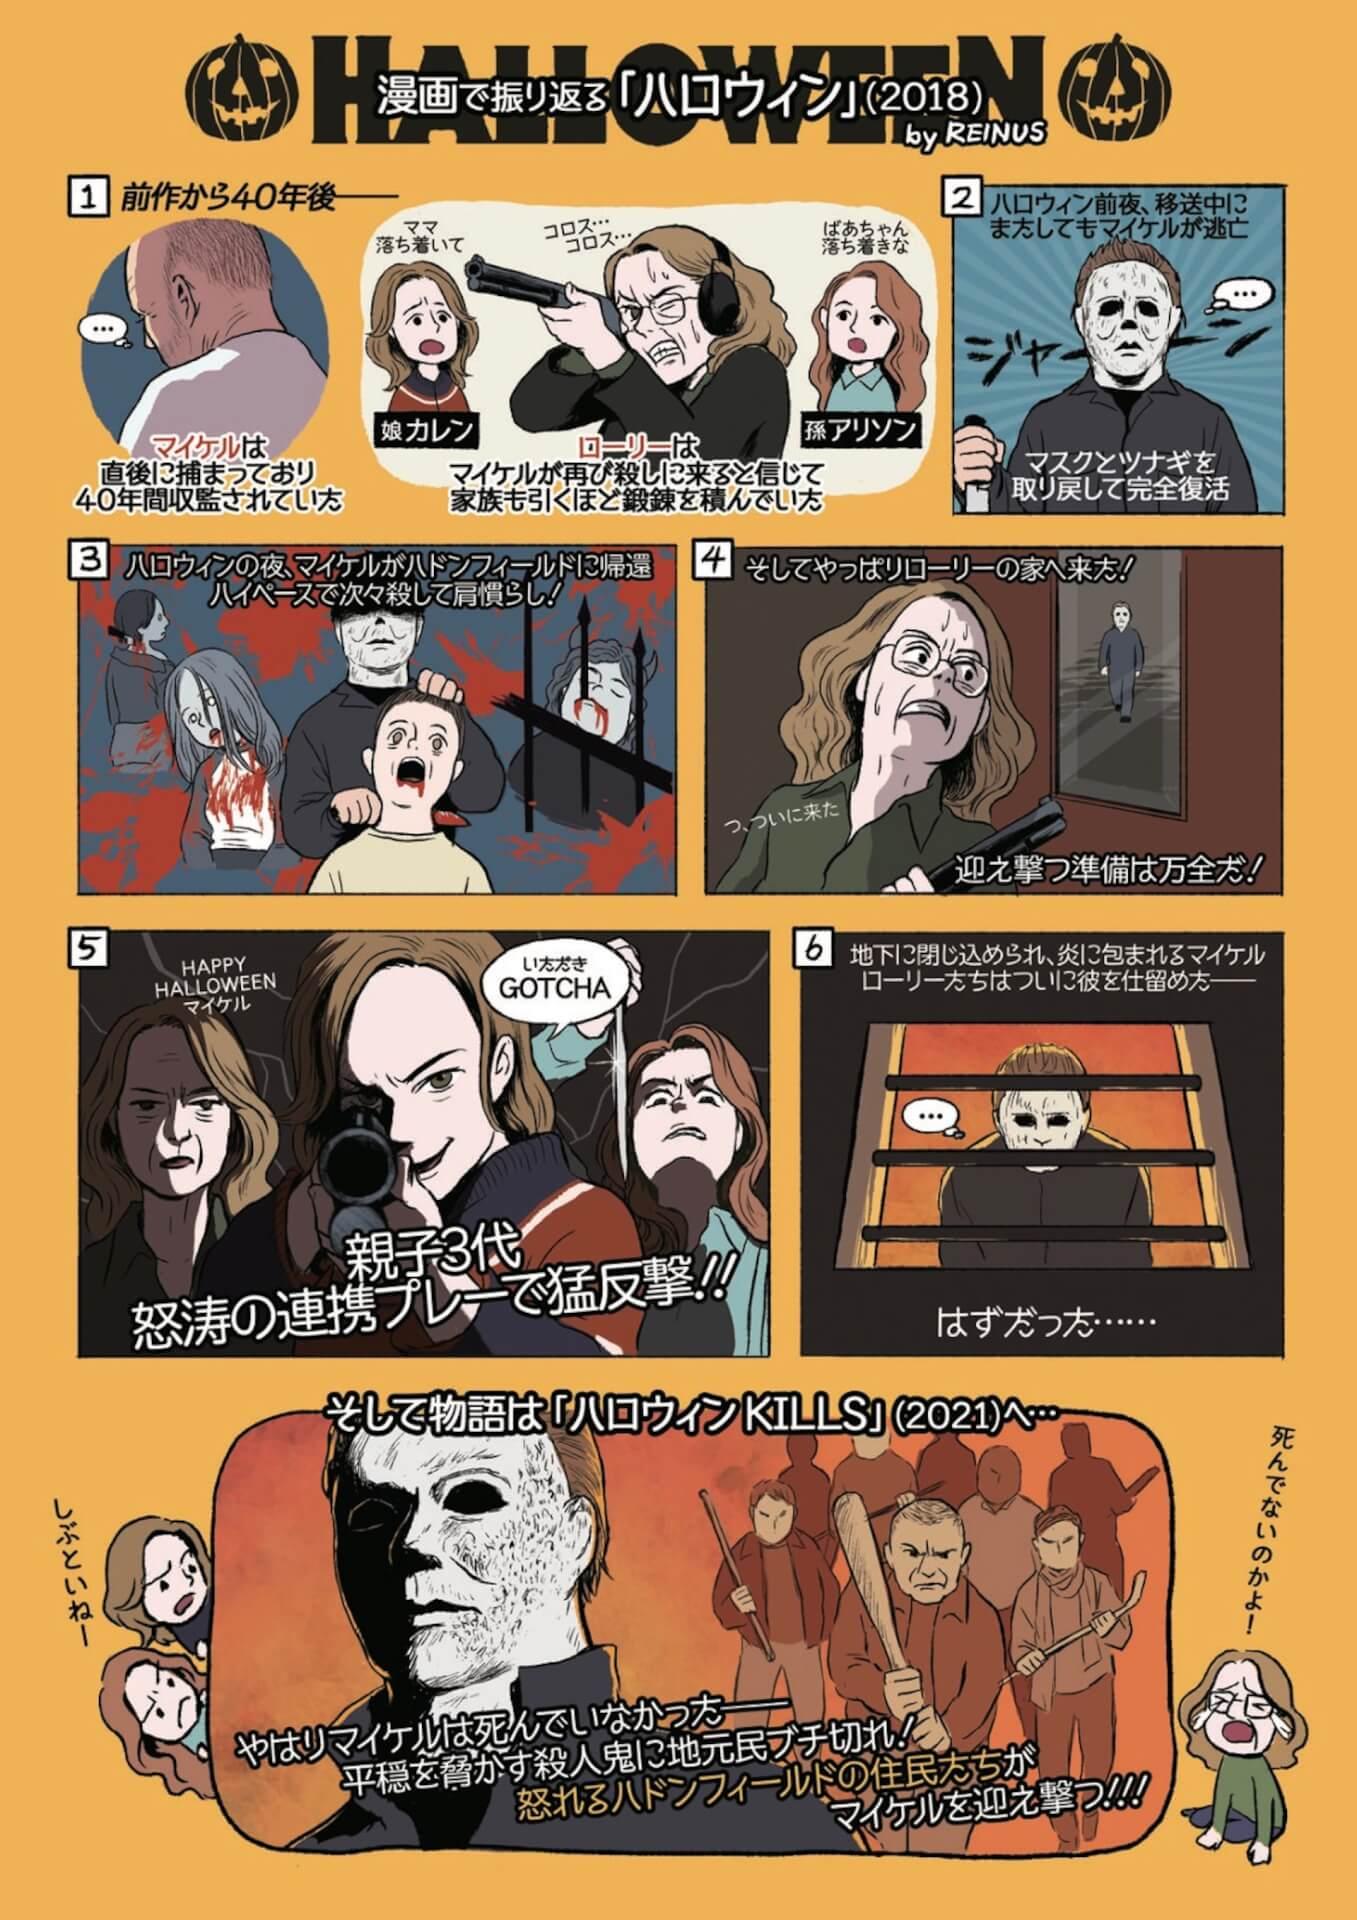 恐怖の『ハロウィン KILLS』公開を前にかわいい&わかりやすい漫画でこれまでをおさらい!レイナスによる漫画2種類が解禁 film210917_halloween_kills_2